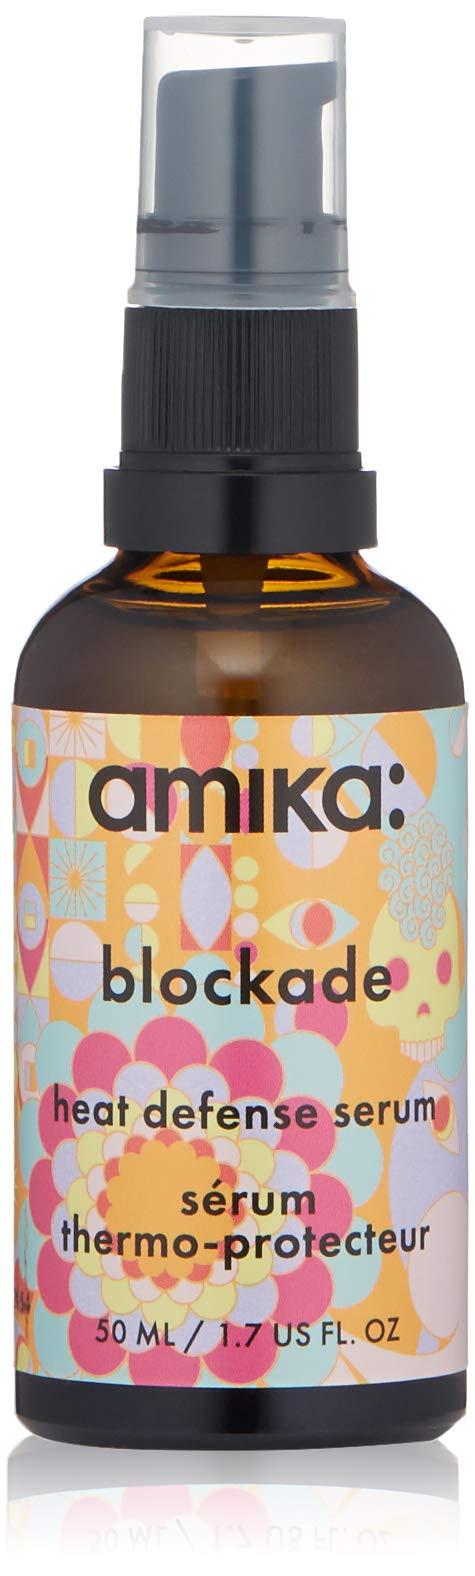 amika Blockade Heat Defense Serum, 1.7 oz